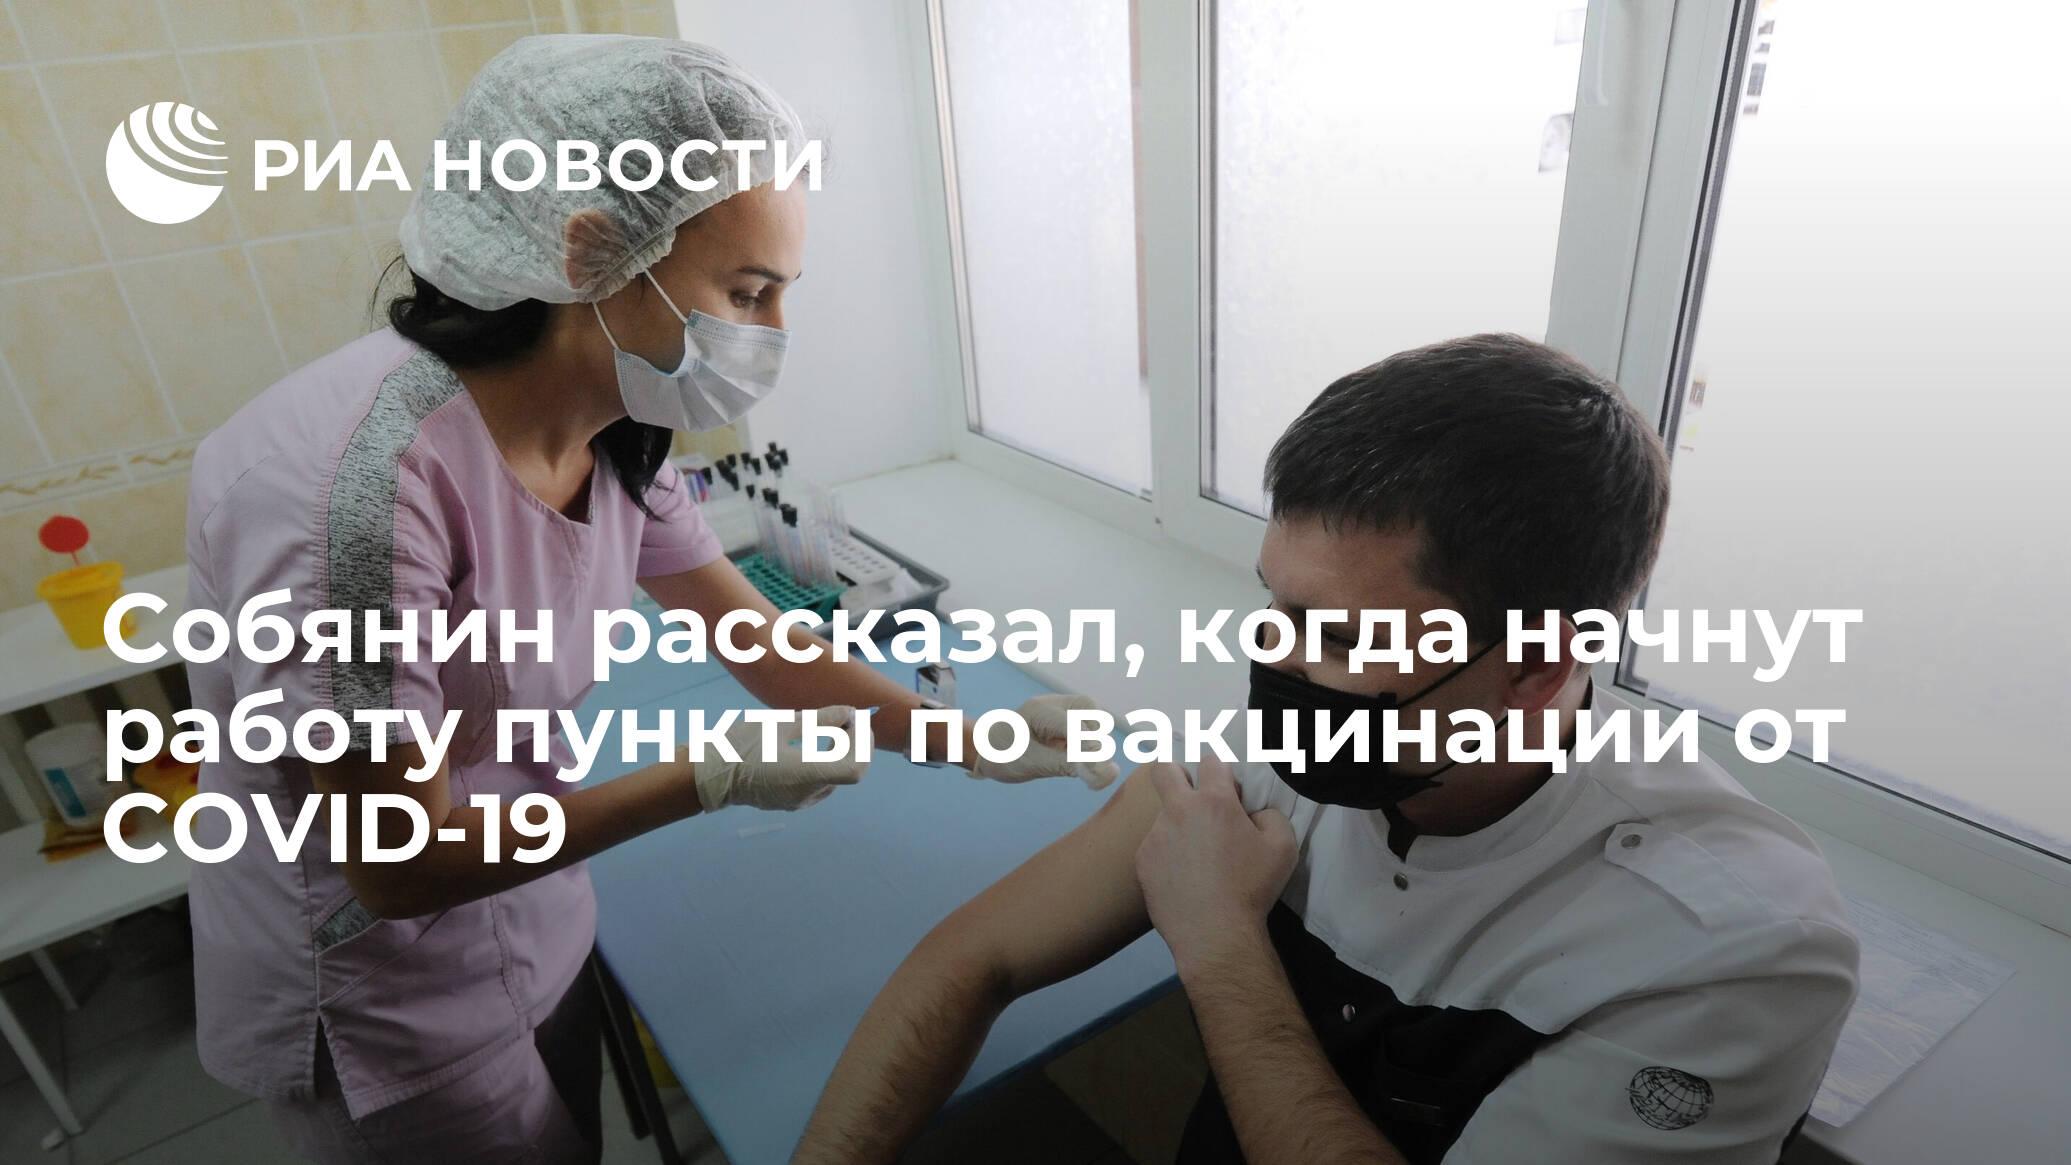 https://ria.ru/20201203/vaktsina-1587493906.html